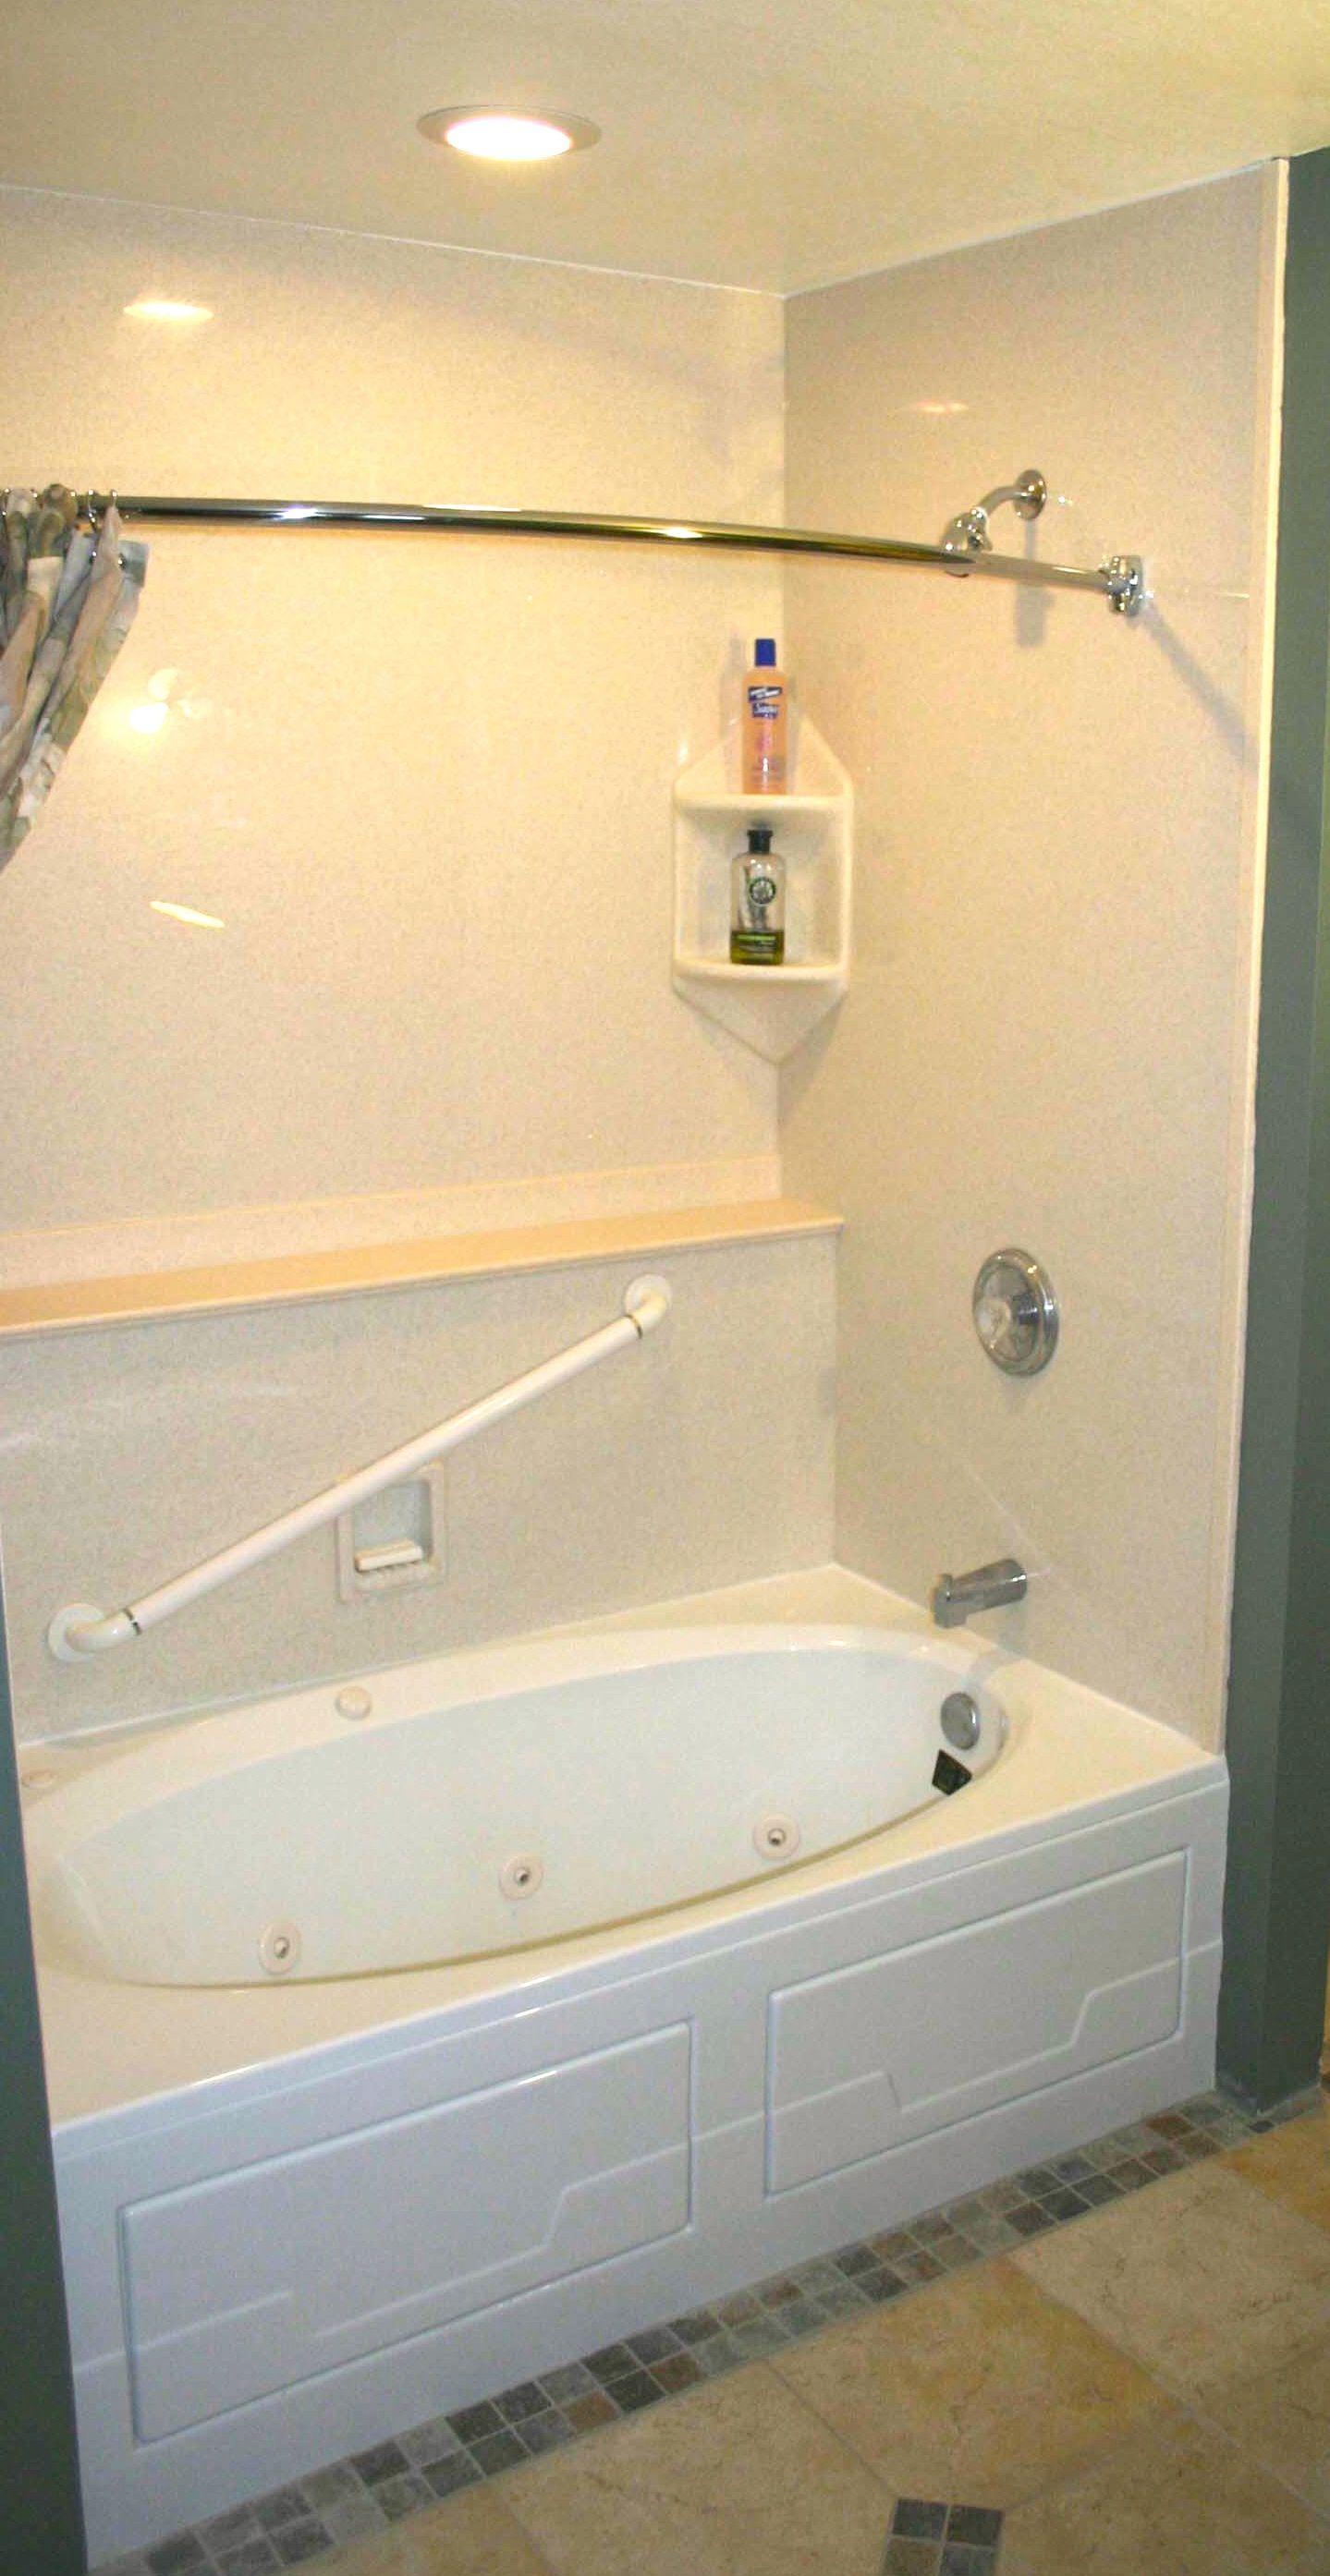 Luxury Bathroom Grab Bars whirlpool tub, grab bars. tub surround from luxury bath. 763-286